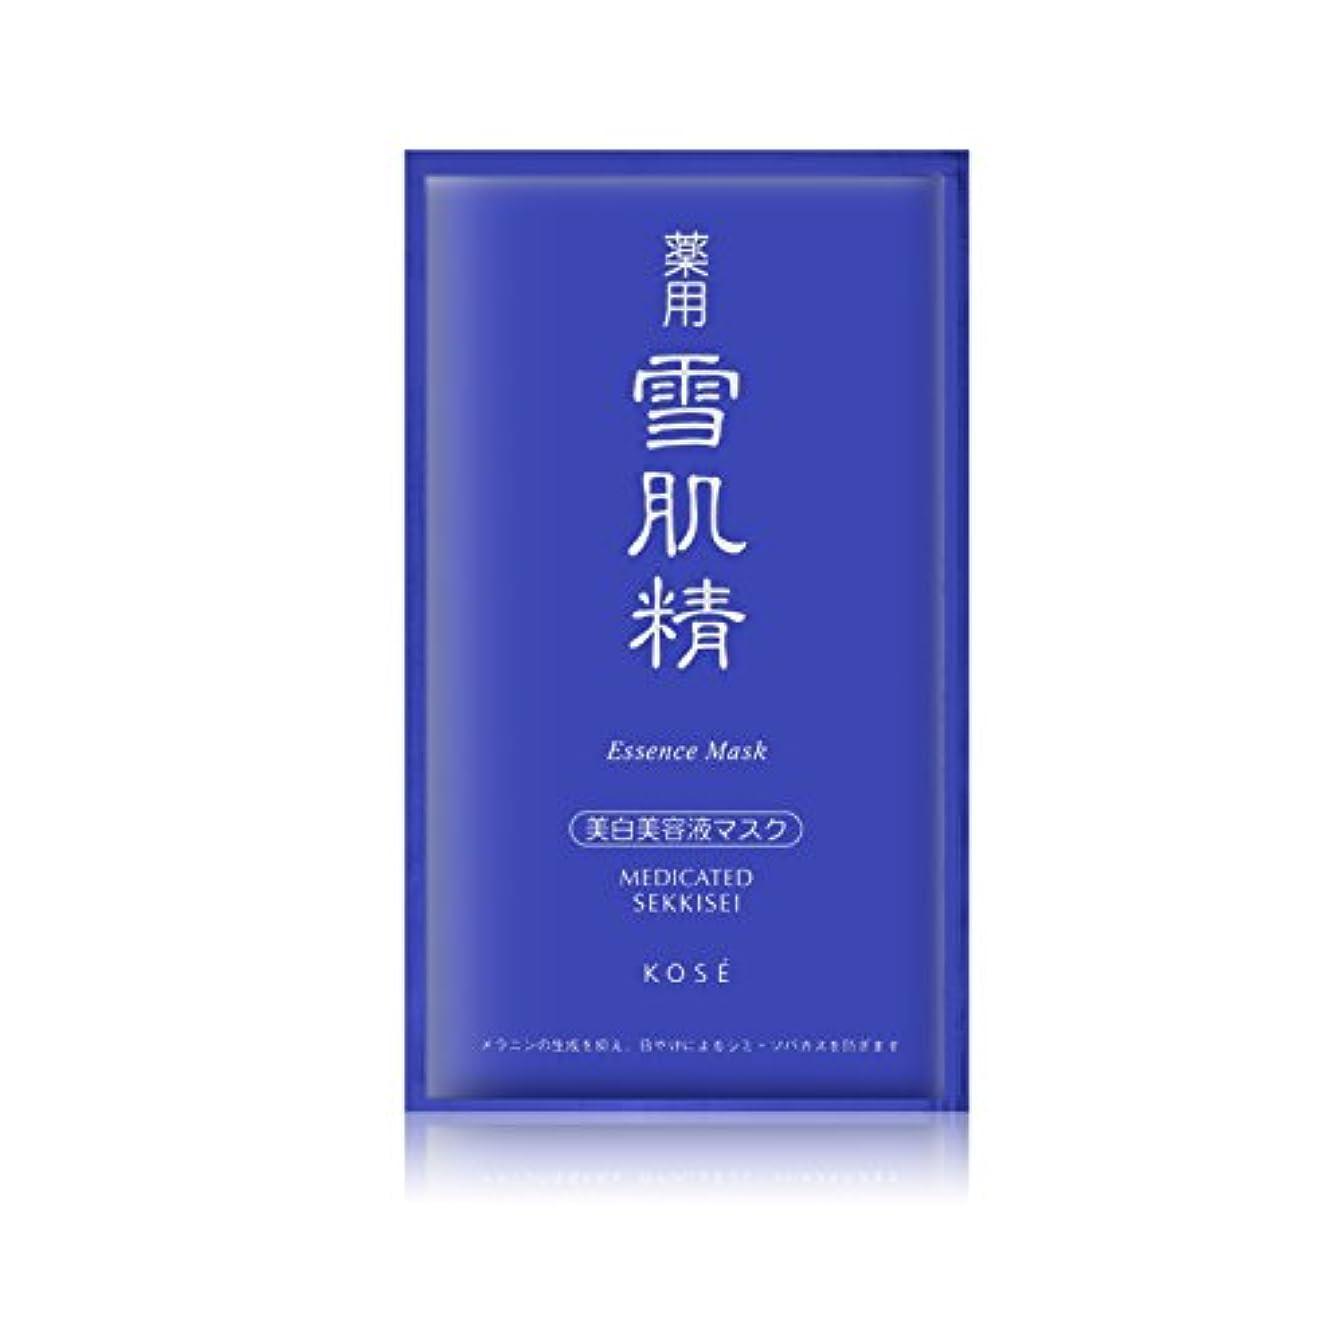 香港結核情熱的コーセー 薬用 雪肌精エッセンスマスク 6x24ml